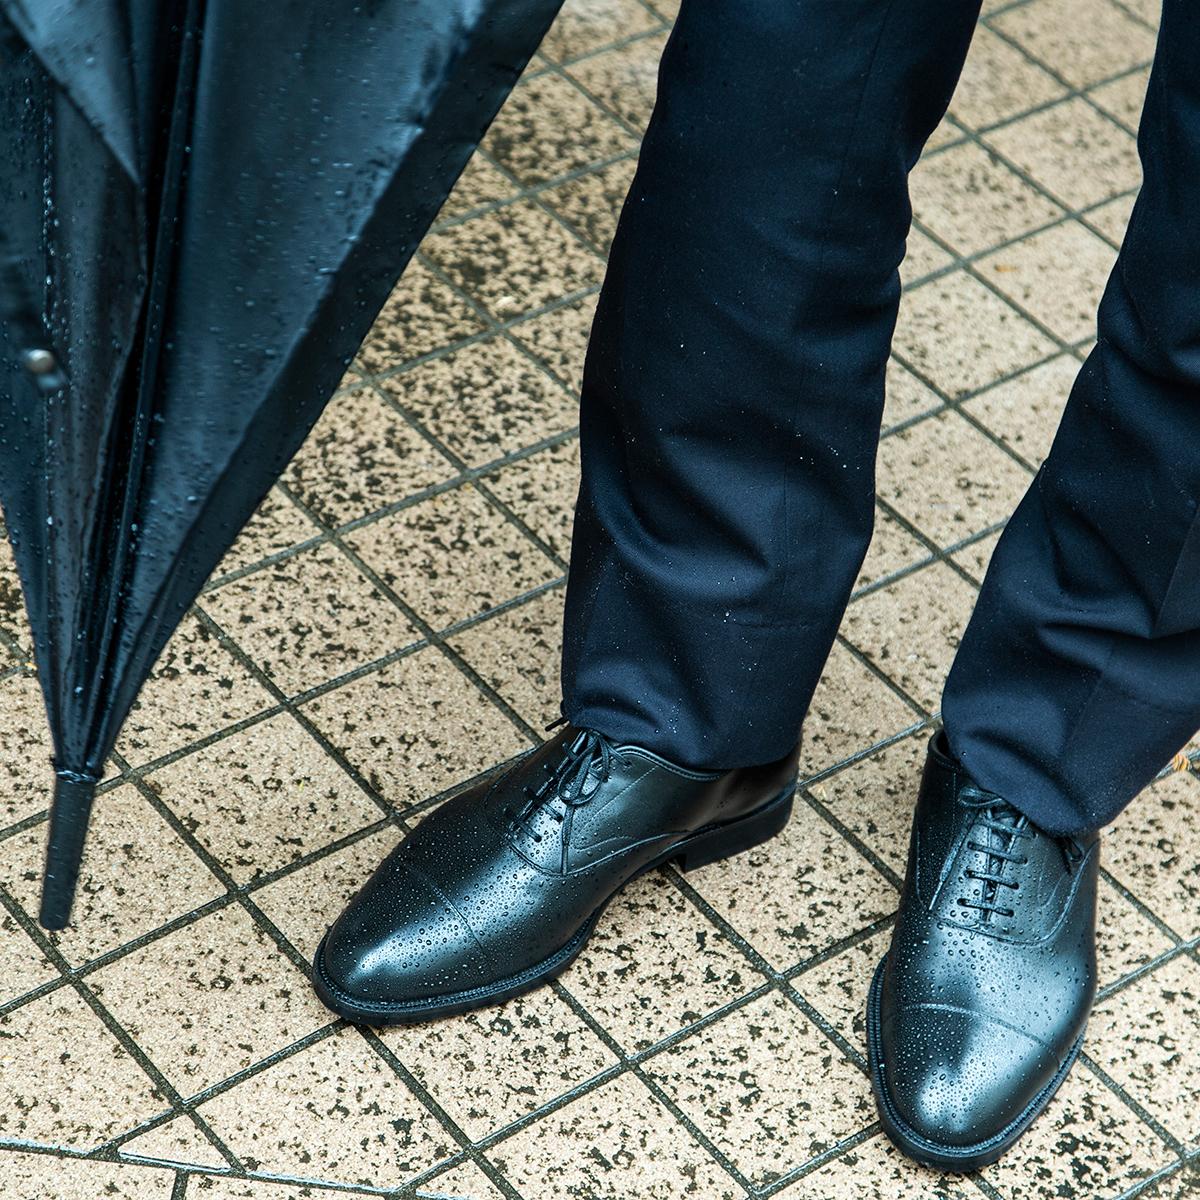 忙しいビジネスマンにとっては頼れる存在の雨水が染み込まない、継ぎ目なしの防水構造!まるで革靴のような気品漂う「レインシューズ」|三陽山長